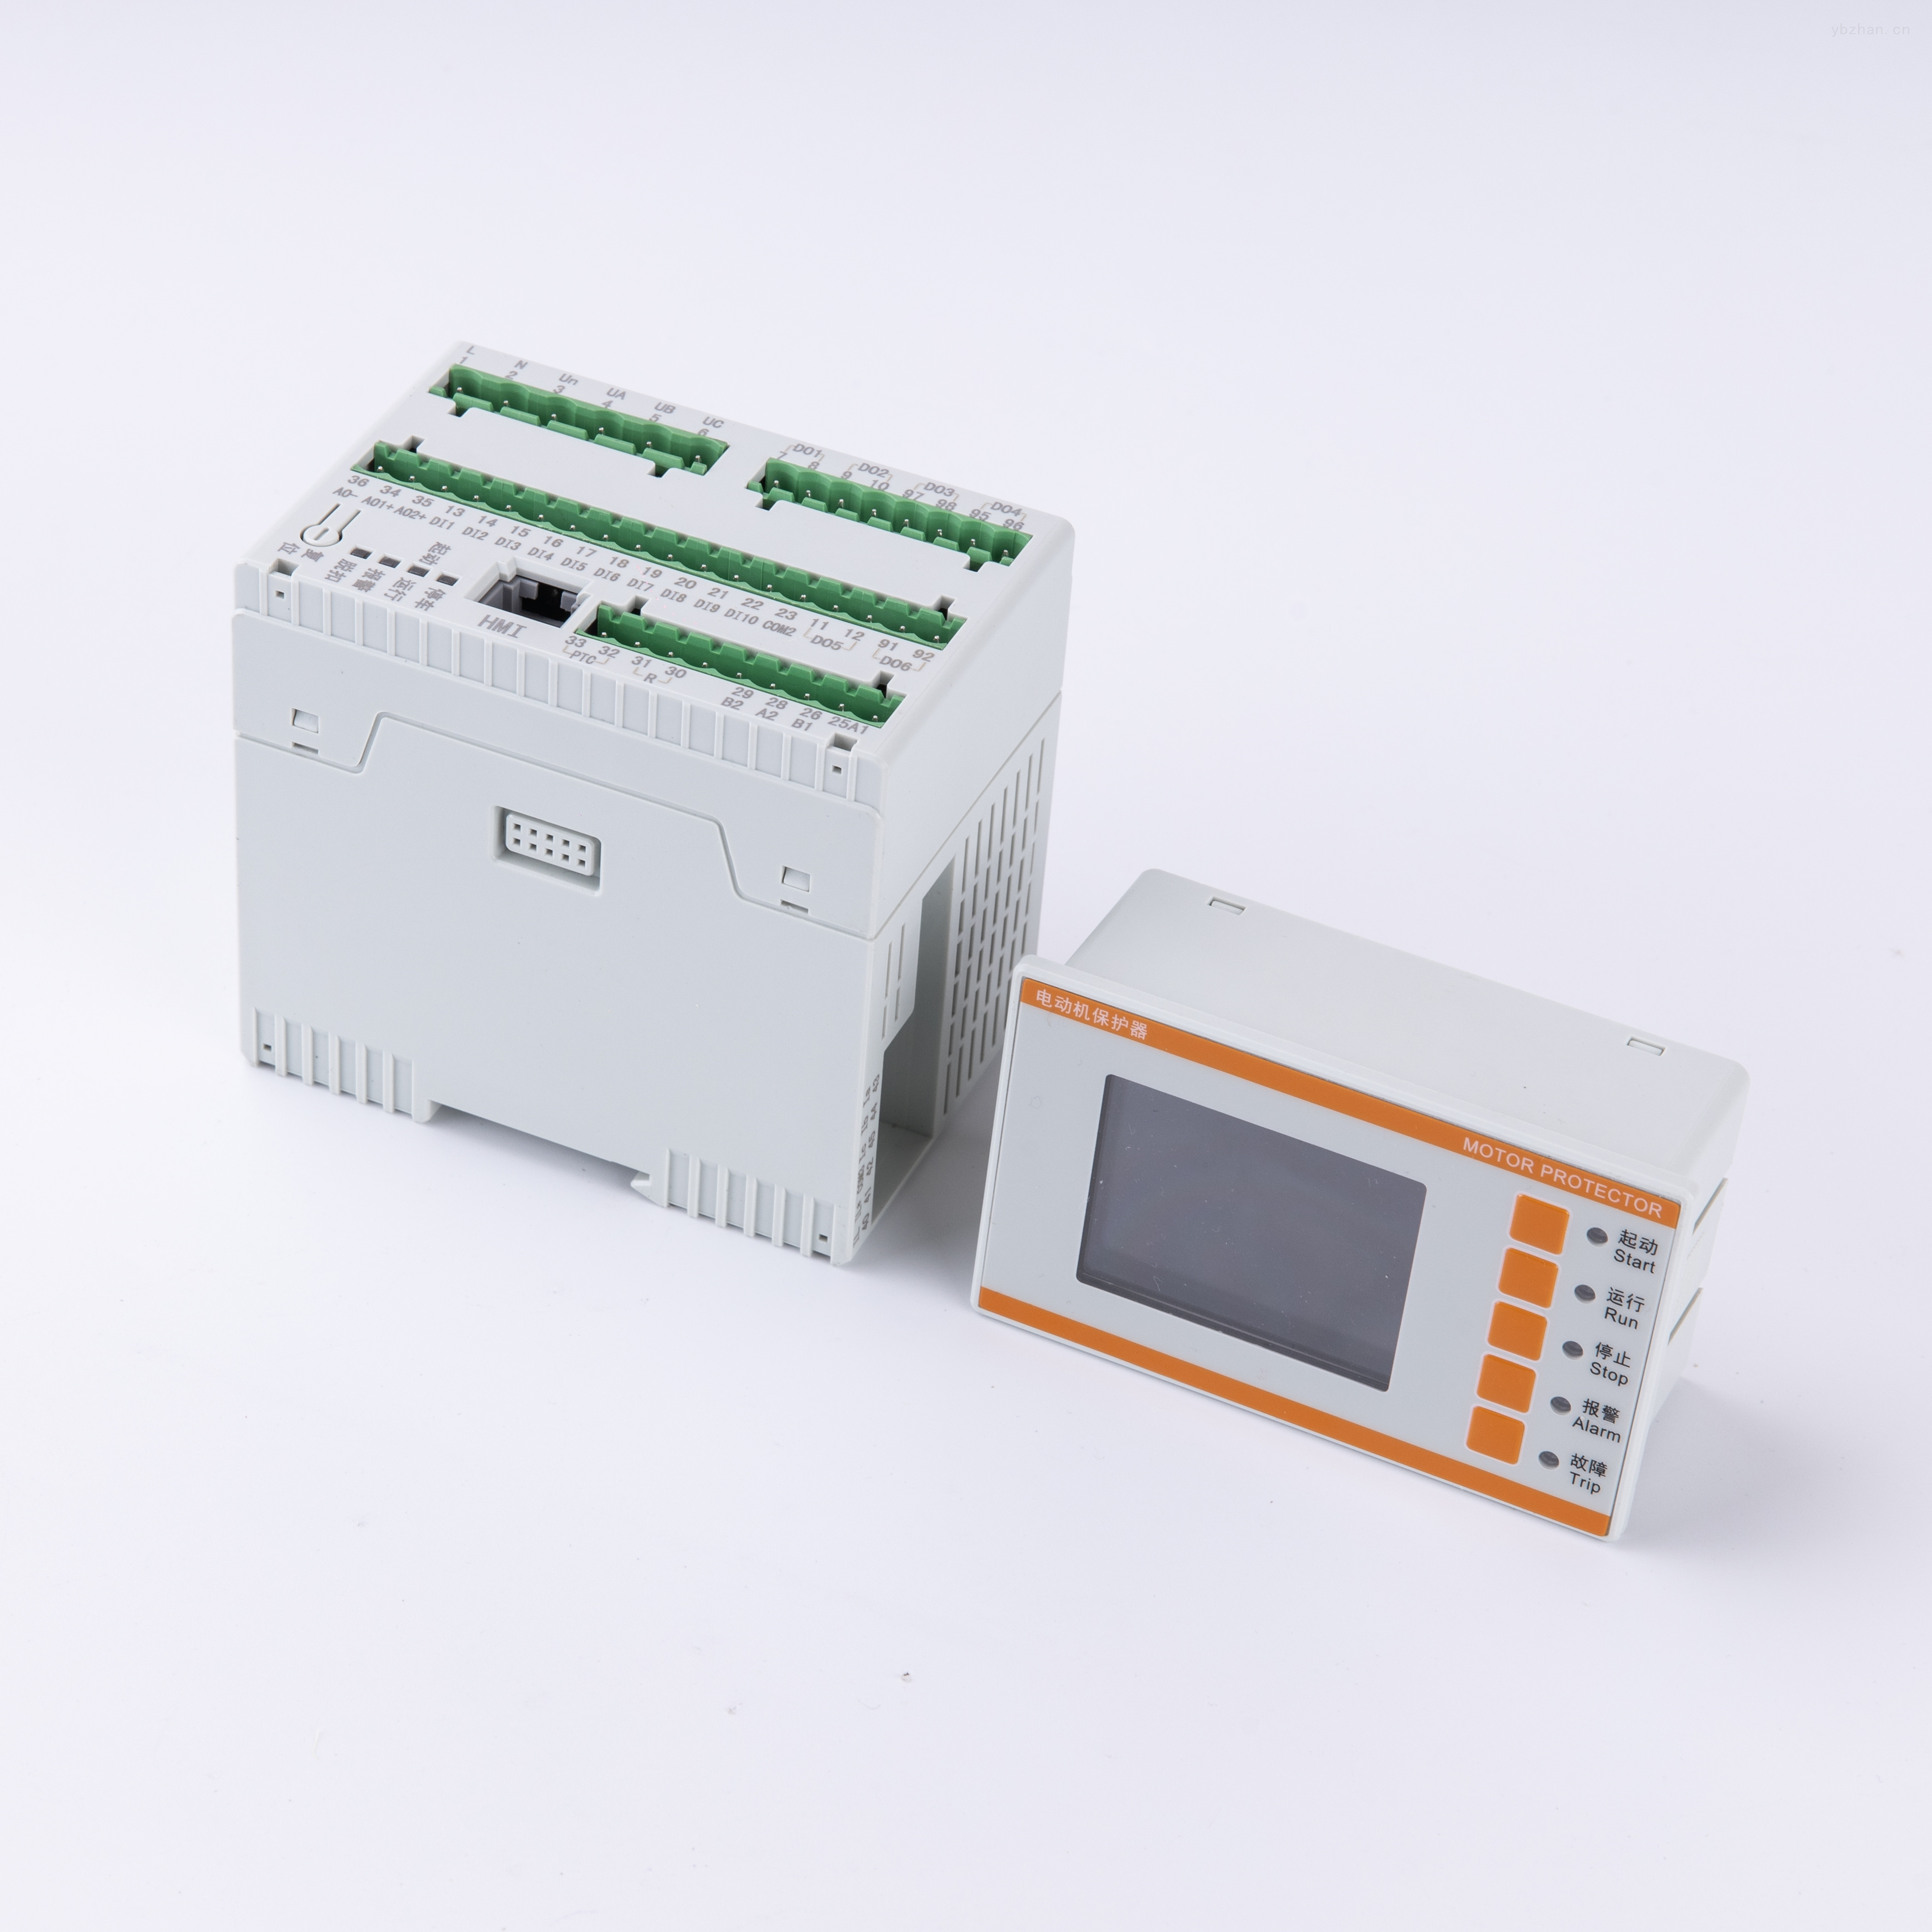 三相智能电动机保护器PTC测量过压欠压保护